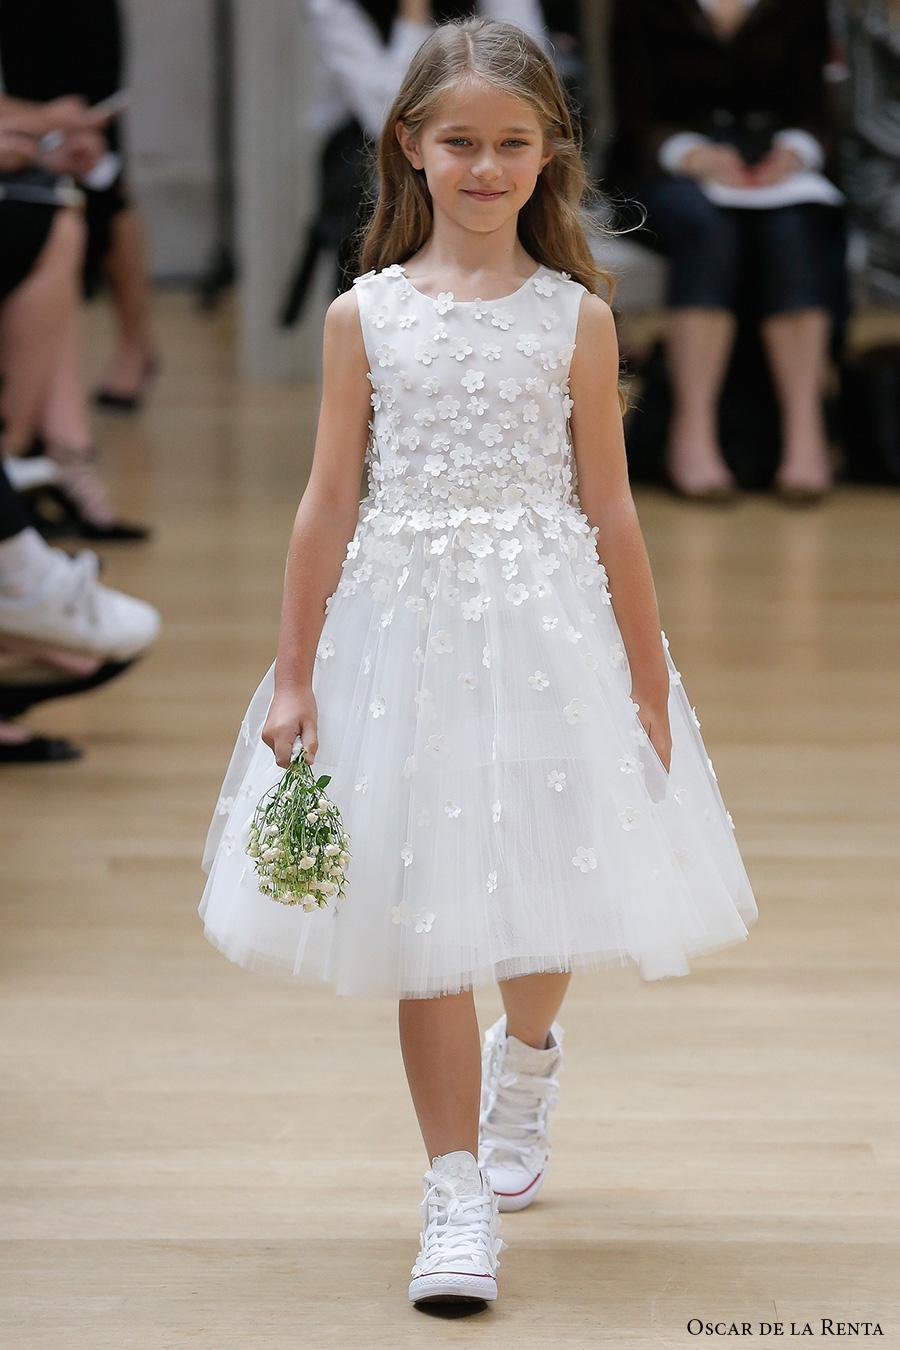 Oscar De La Renta Wedding Dresses Price 40 Cute oscar de la renta